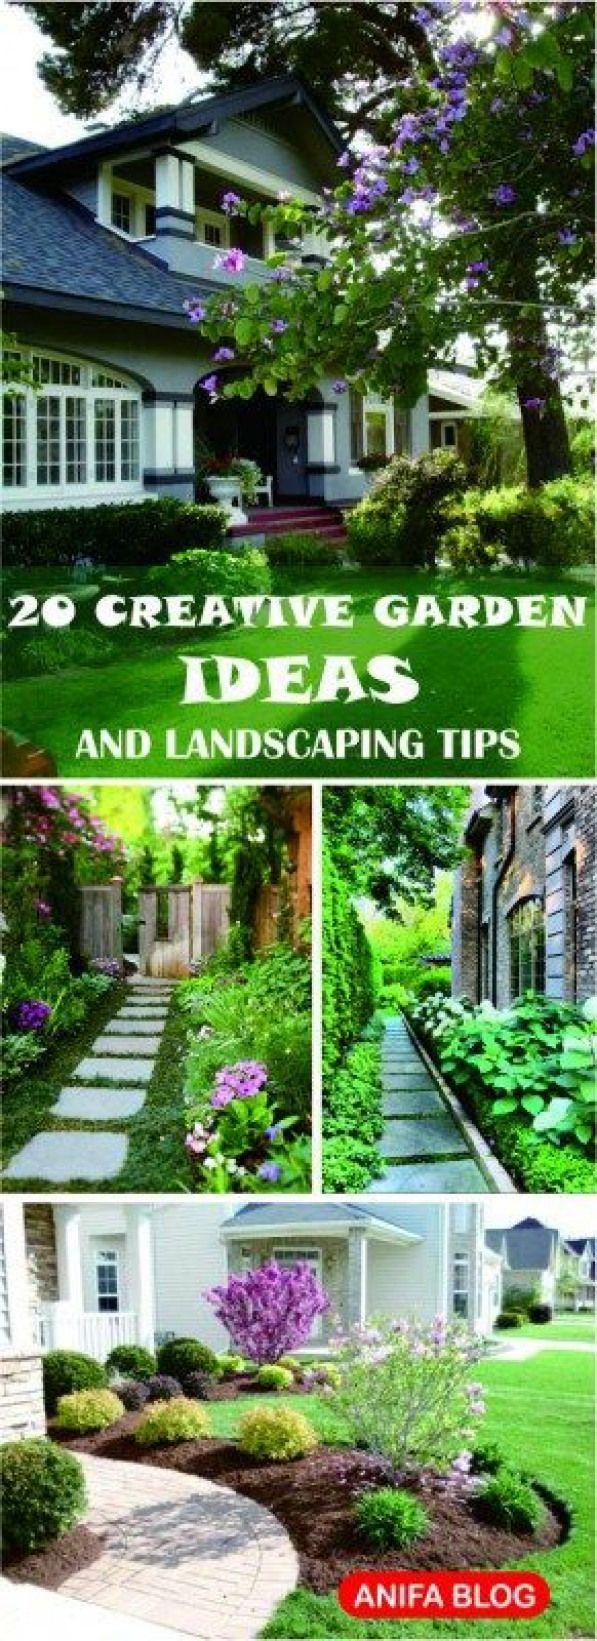 Photo of Inspirierende Bilder im Freien, die danbury ct #garden #landscaping #homedecor landschaftlich gestalten …